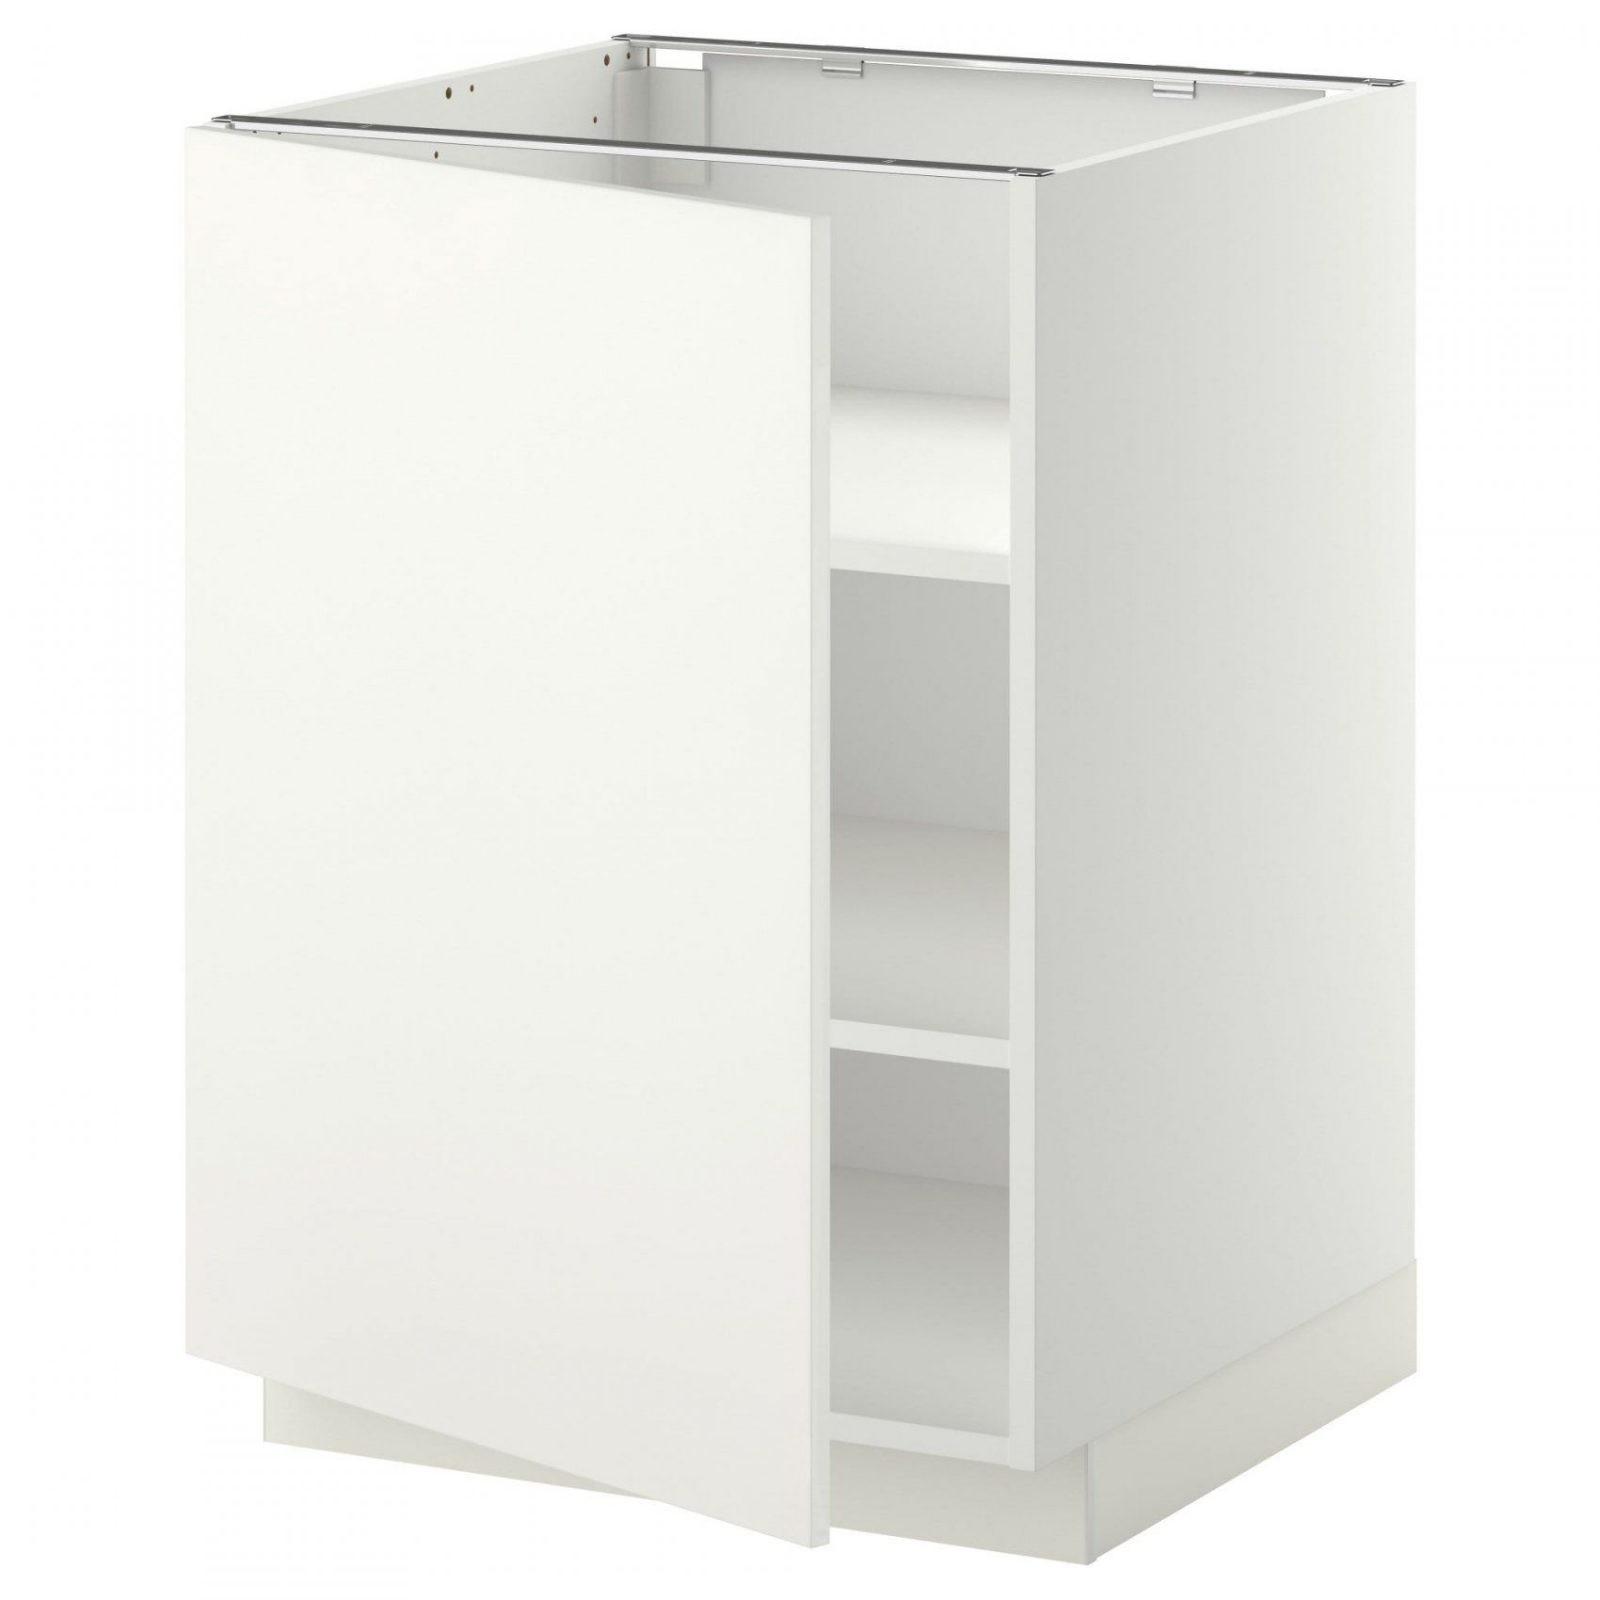 Metod Base Cabinet With Shelves  White Häggeby White 60X60 Cm  Ikea von Spülenunterschrank 50 Cm Ikea Photo